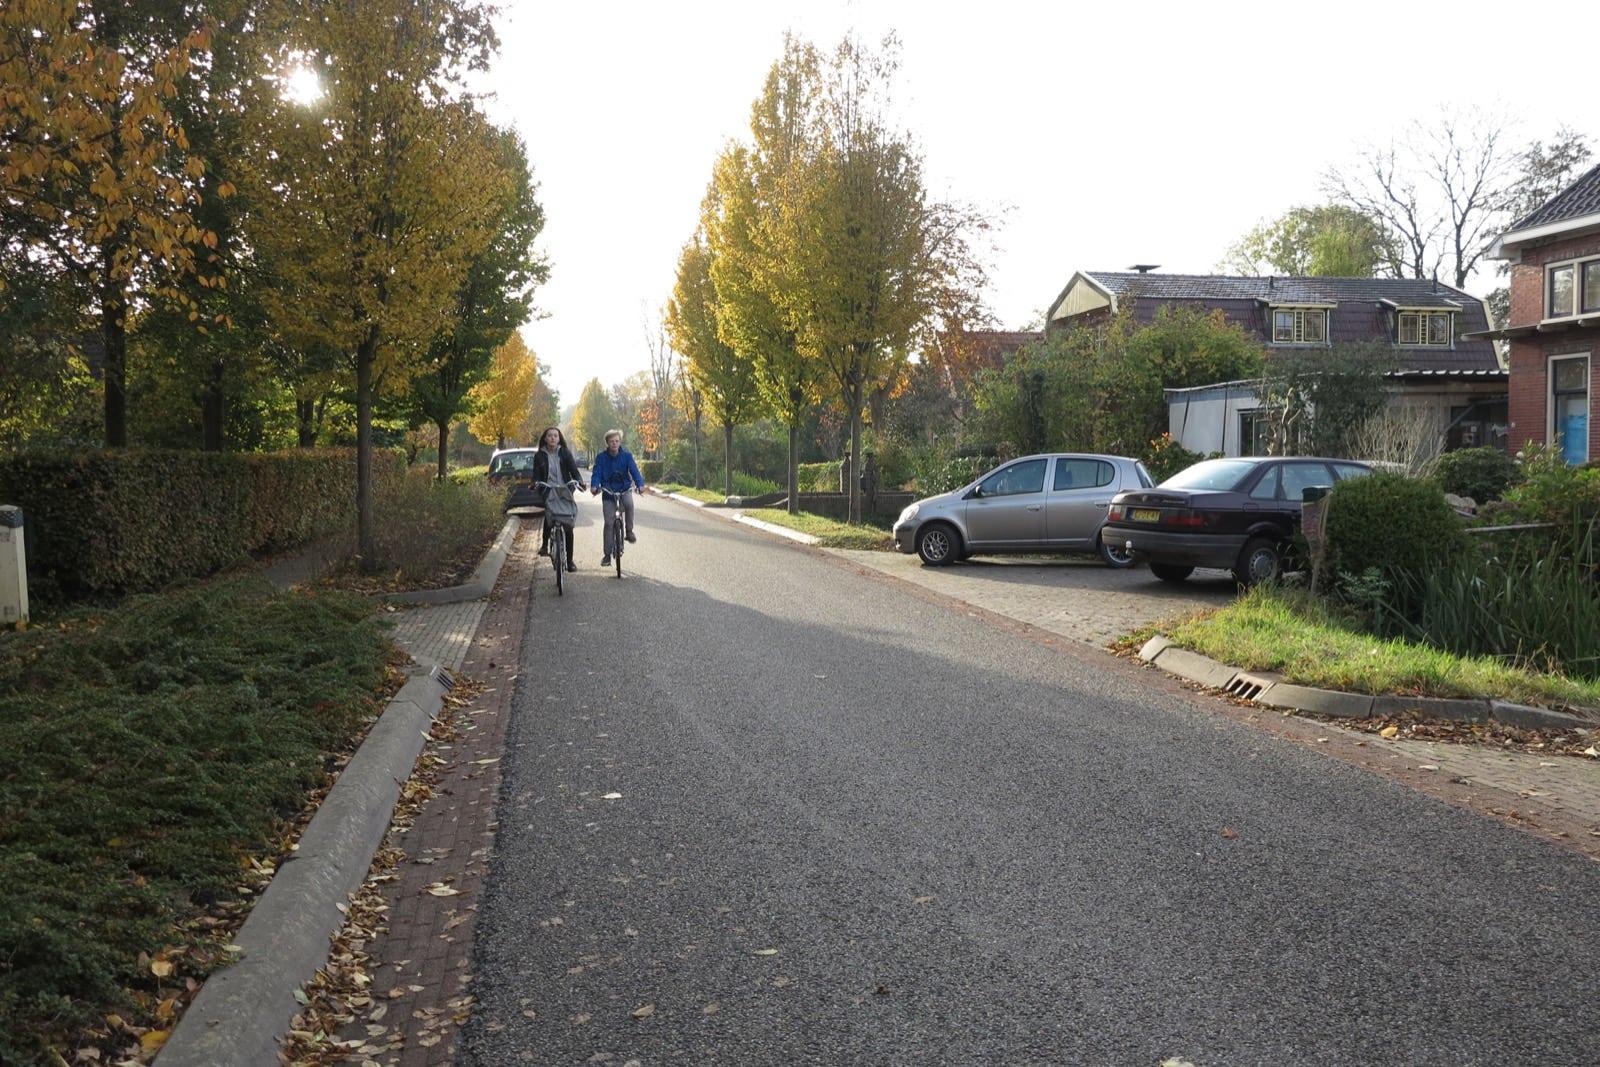 et-fiets-en-fietser-101-jorre-zoon-van-menco-vd-berg-en-desiree-luiken-oi.jpg